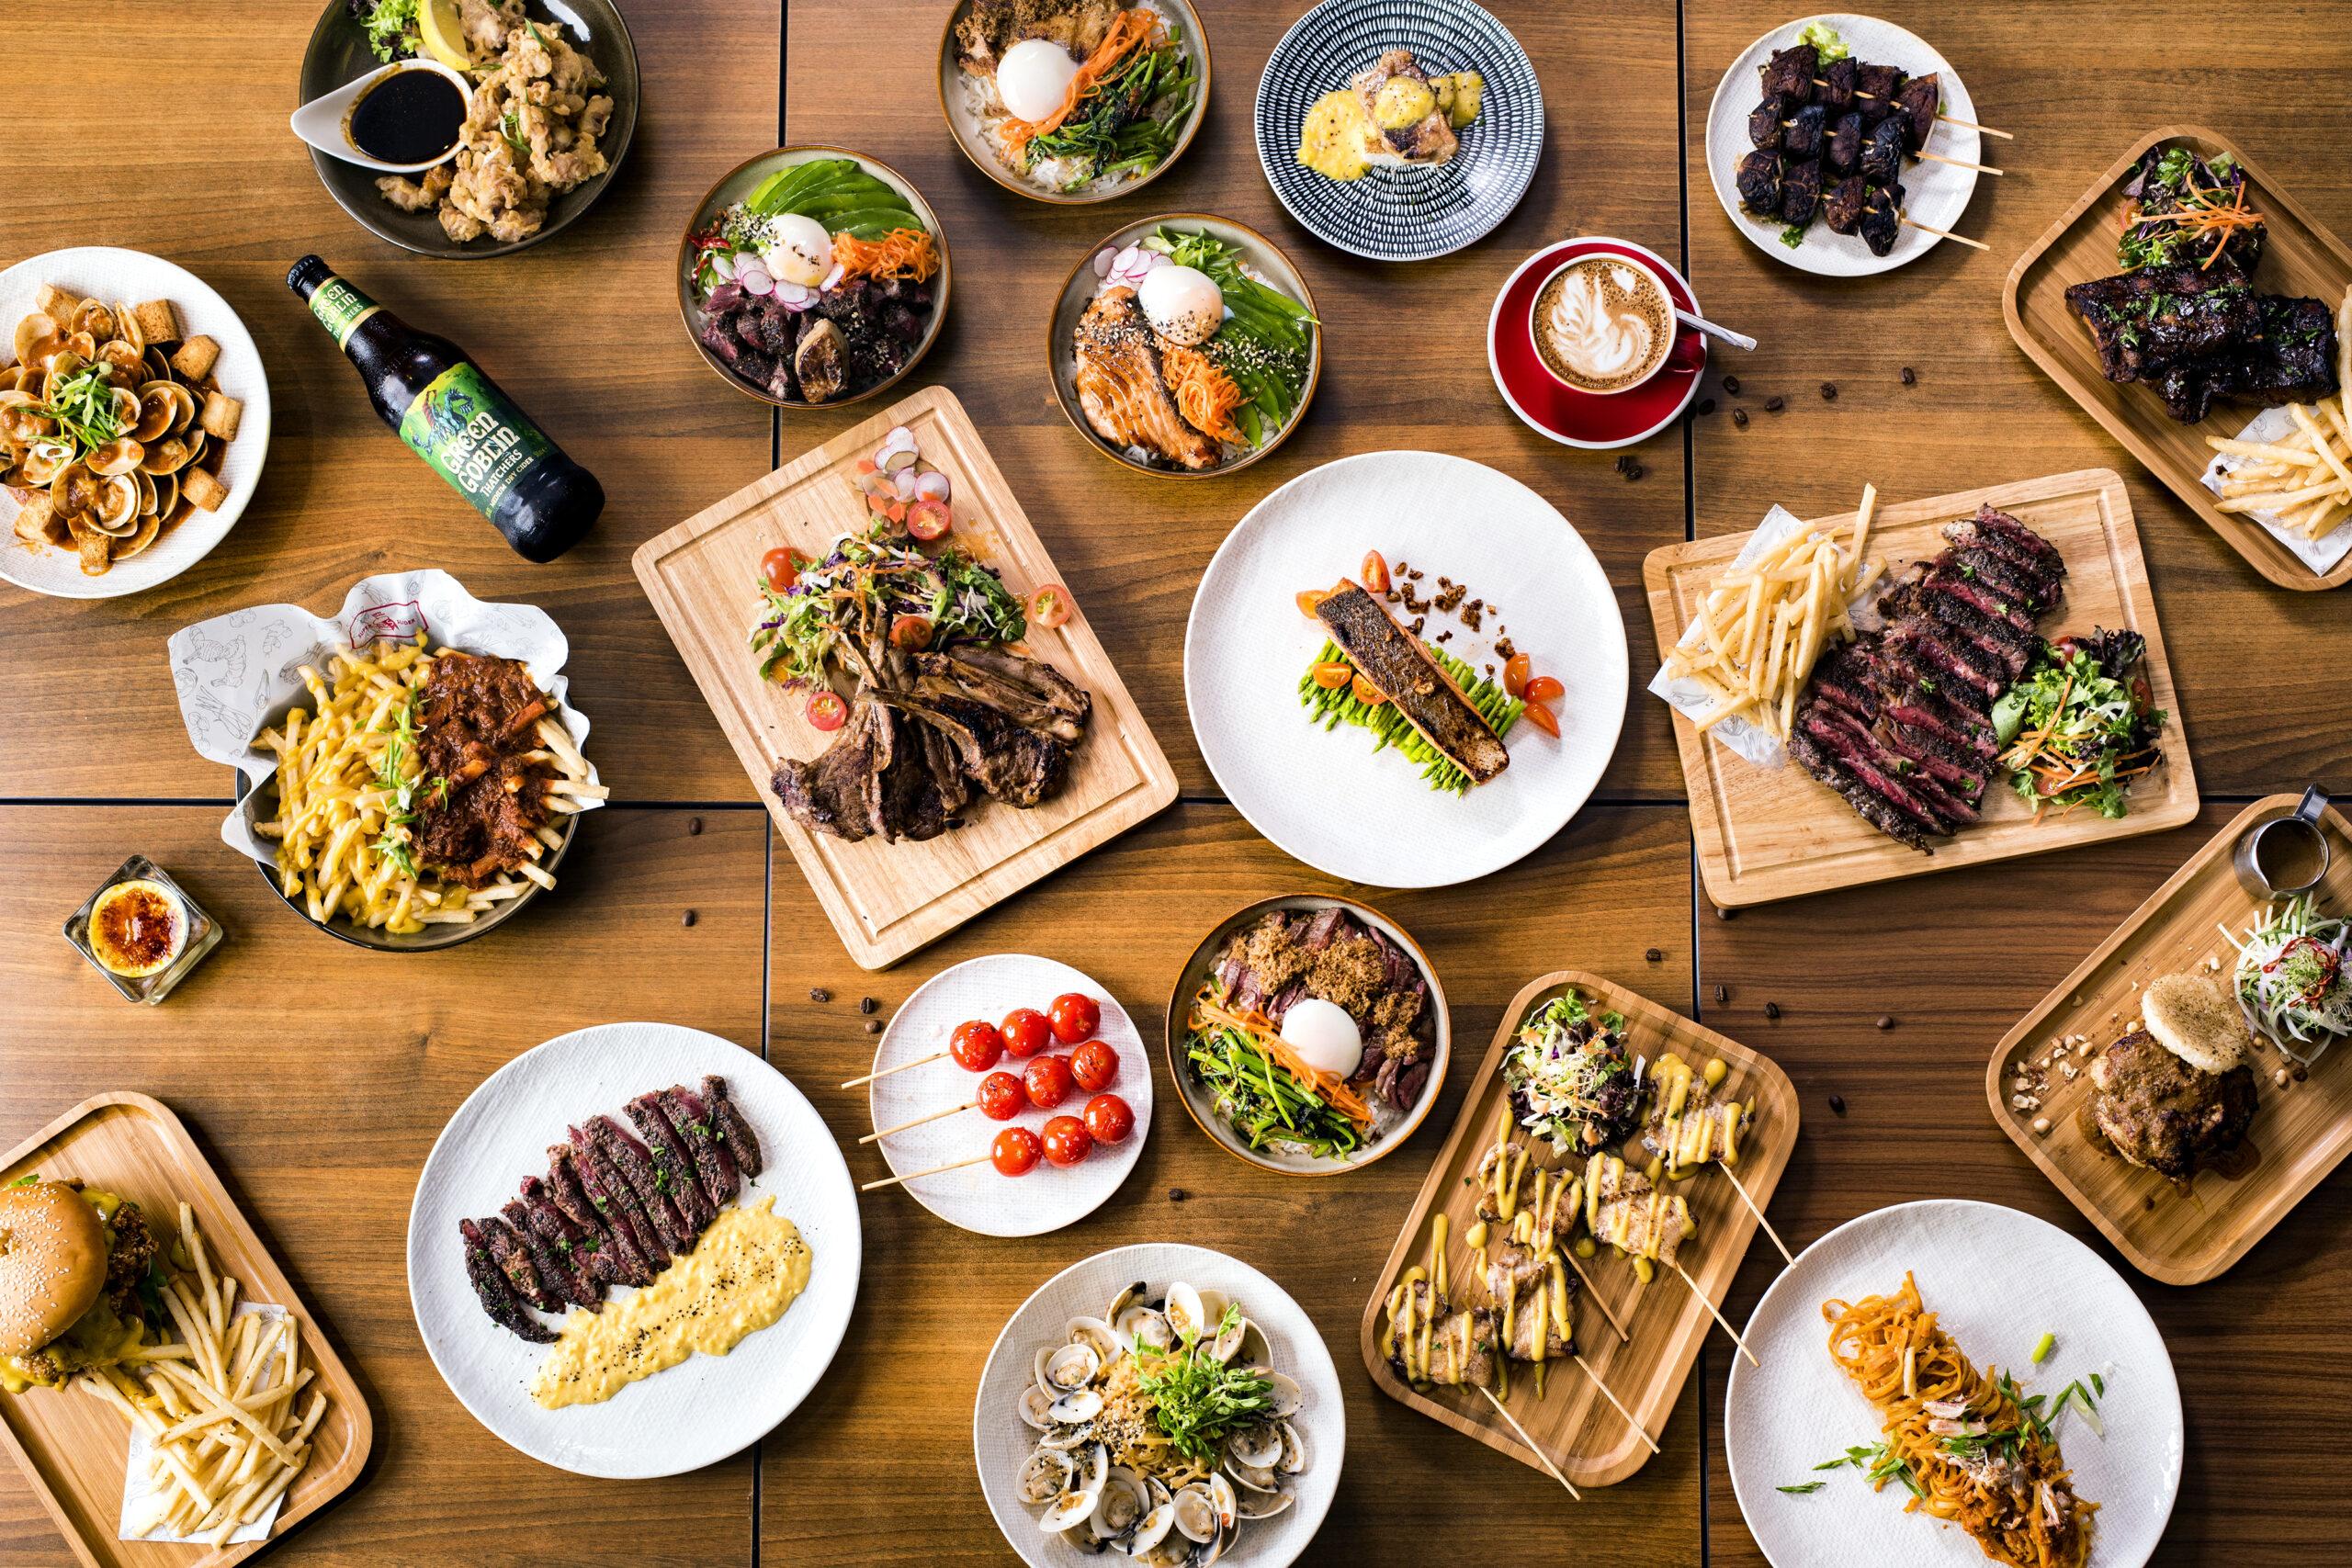 【話題沸騰】創作シンガポール料理を堪能できるカフェ風レストラン☆The Quarters